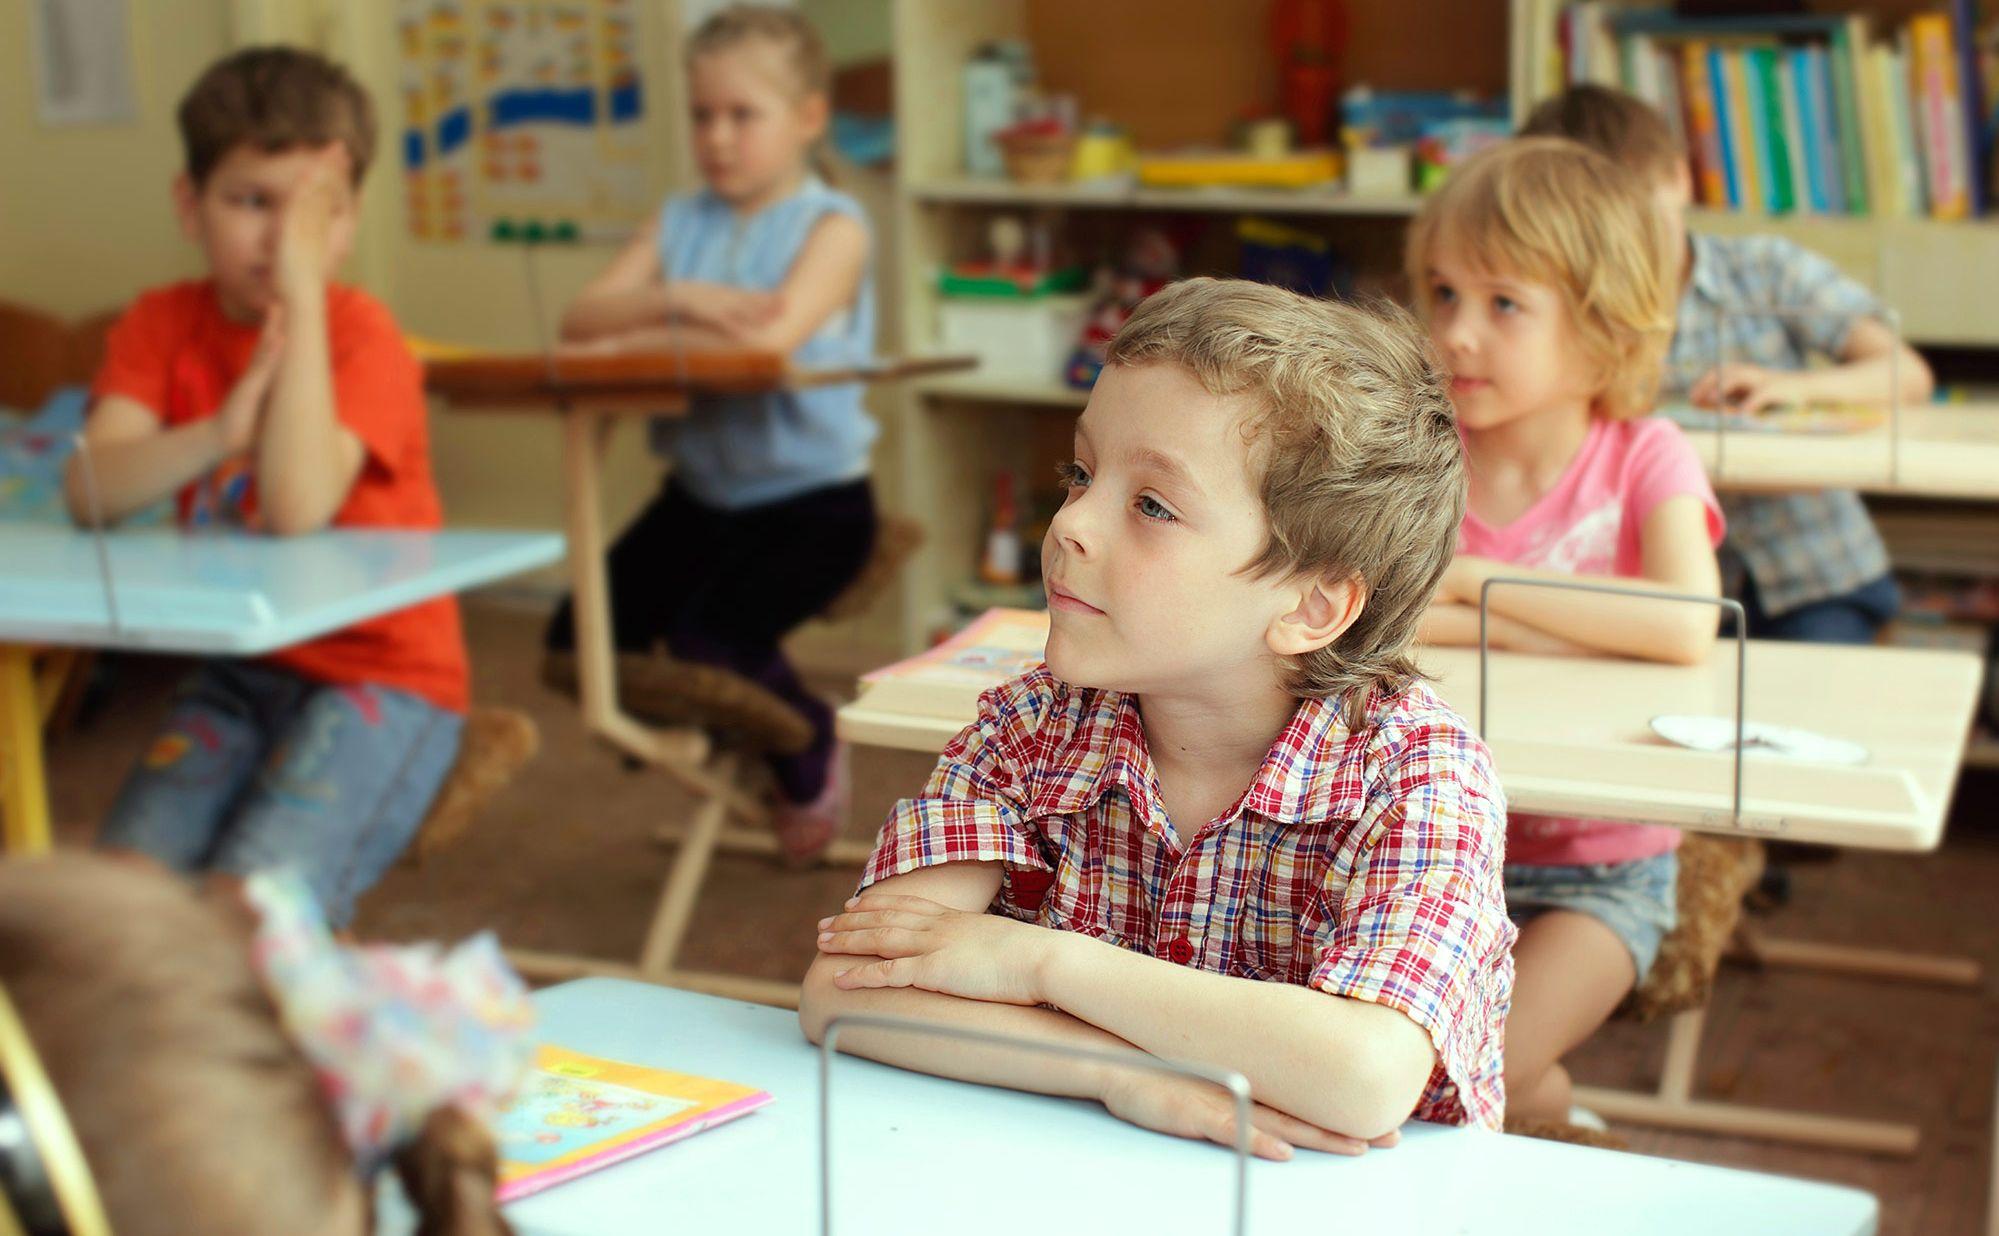 heres-co-naprawdę-ma-znaczenie w-twoich-dzieciach-szkoła-podstawowa